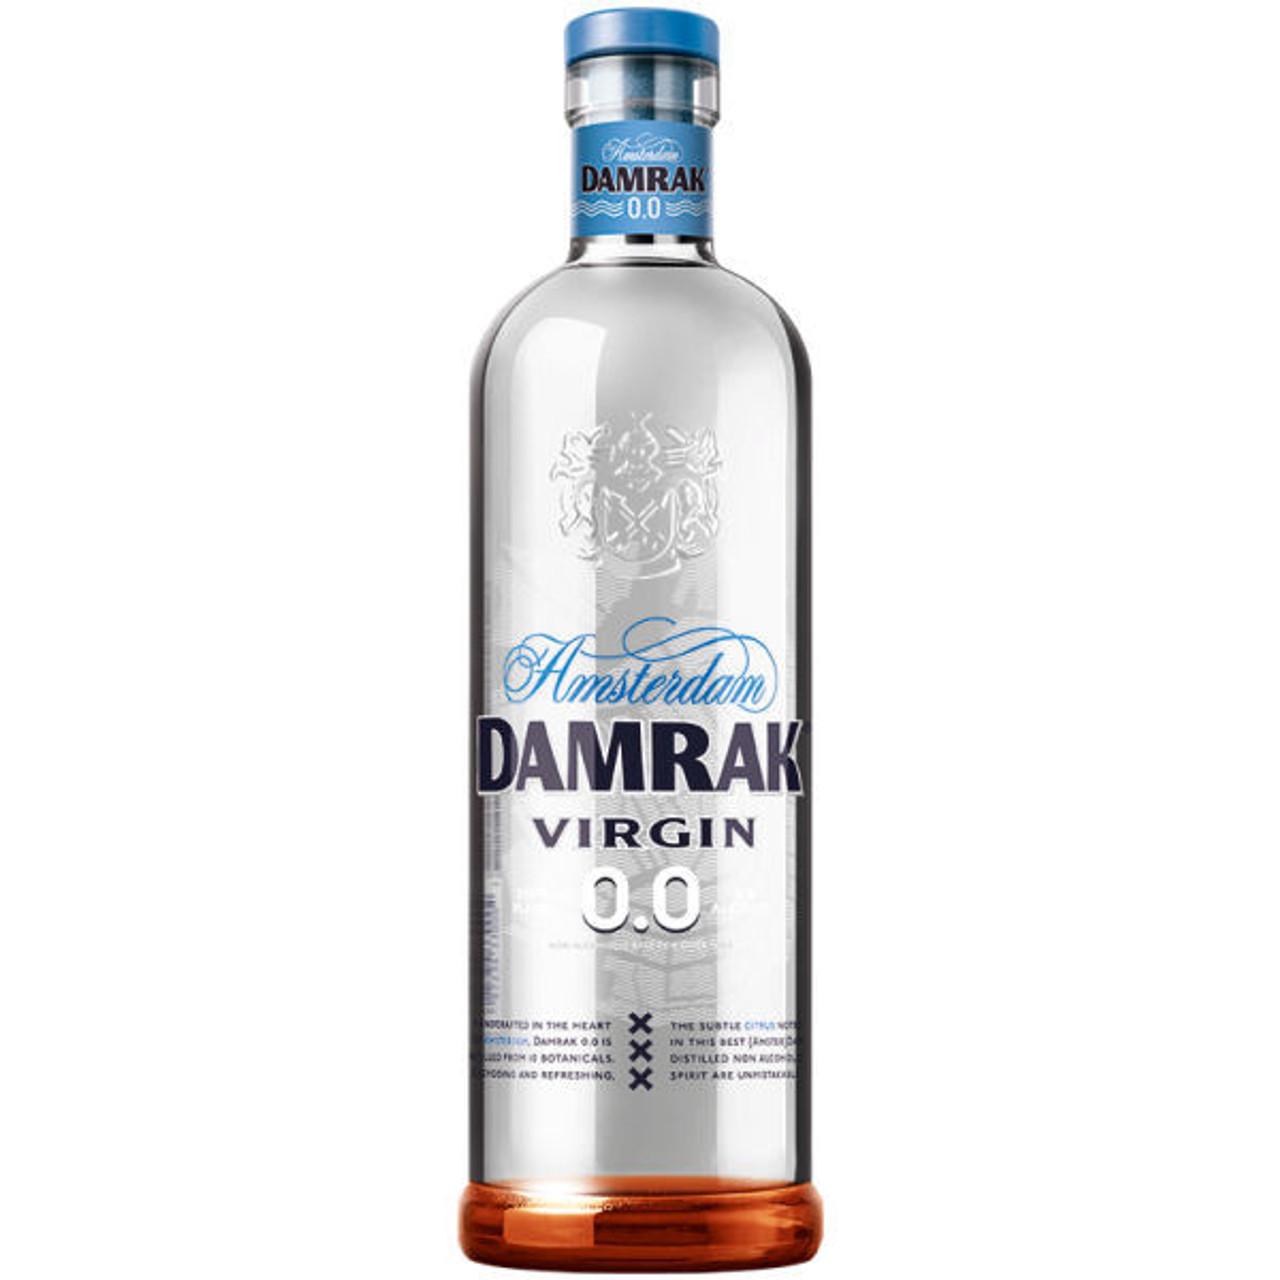 Damrak Virgin 0.0 Non-Alcoholic Spirit 750ml